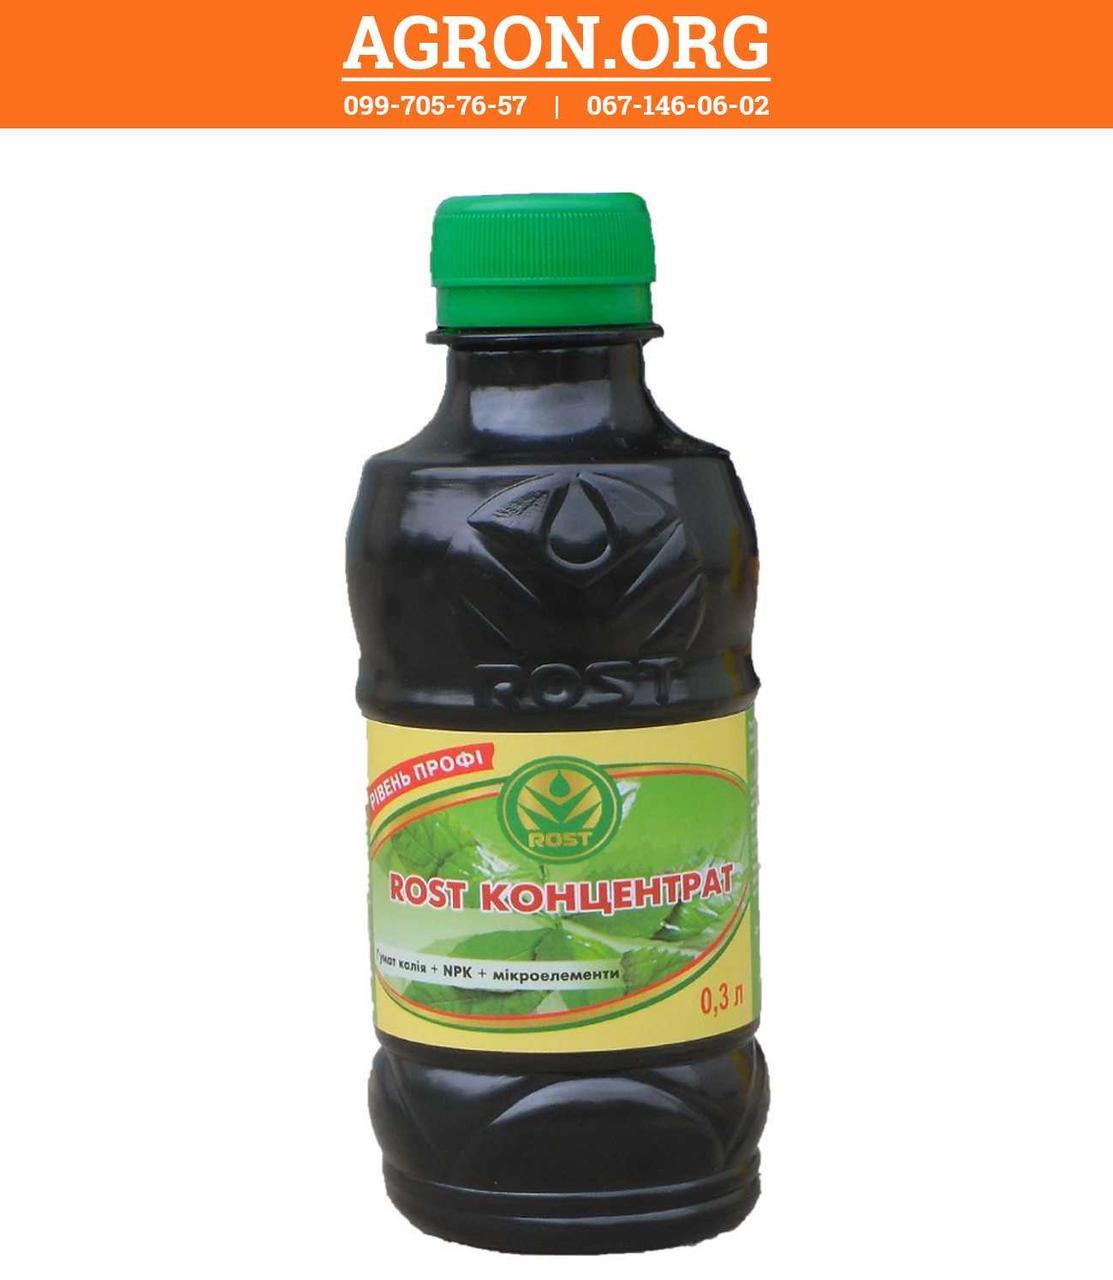 Рост-концентрат NPK 5+5+5 Нейтральний Комплексне органічно-мінеральне удобрение Україна 300 мл